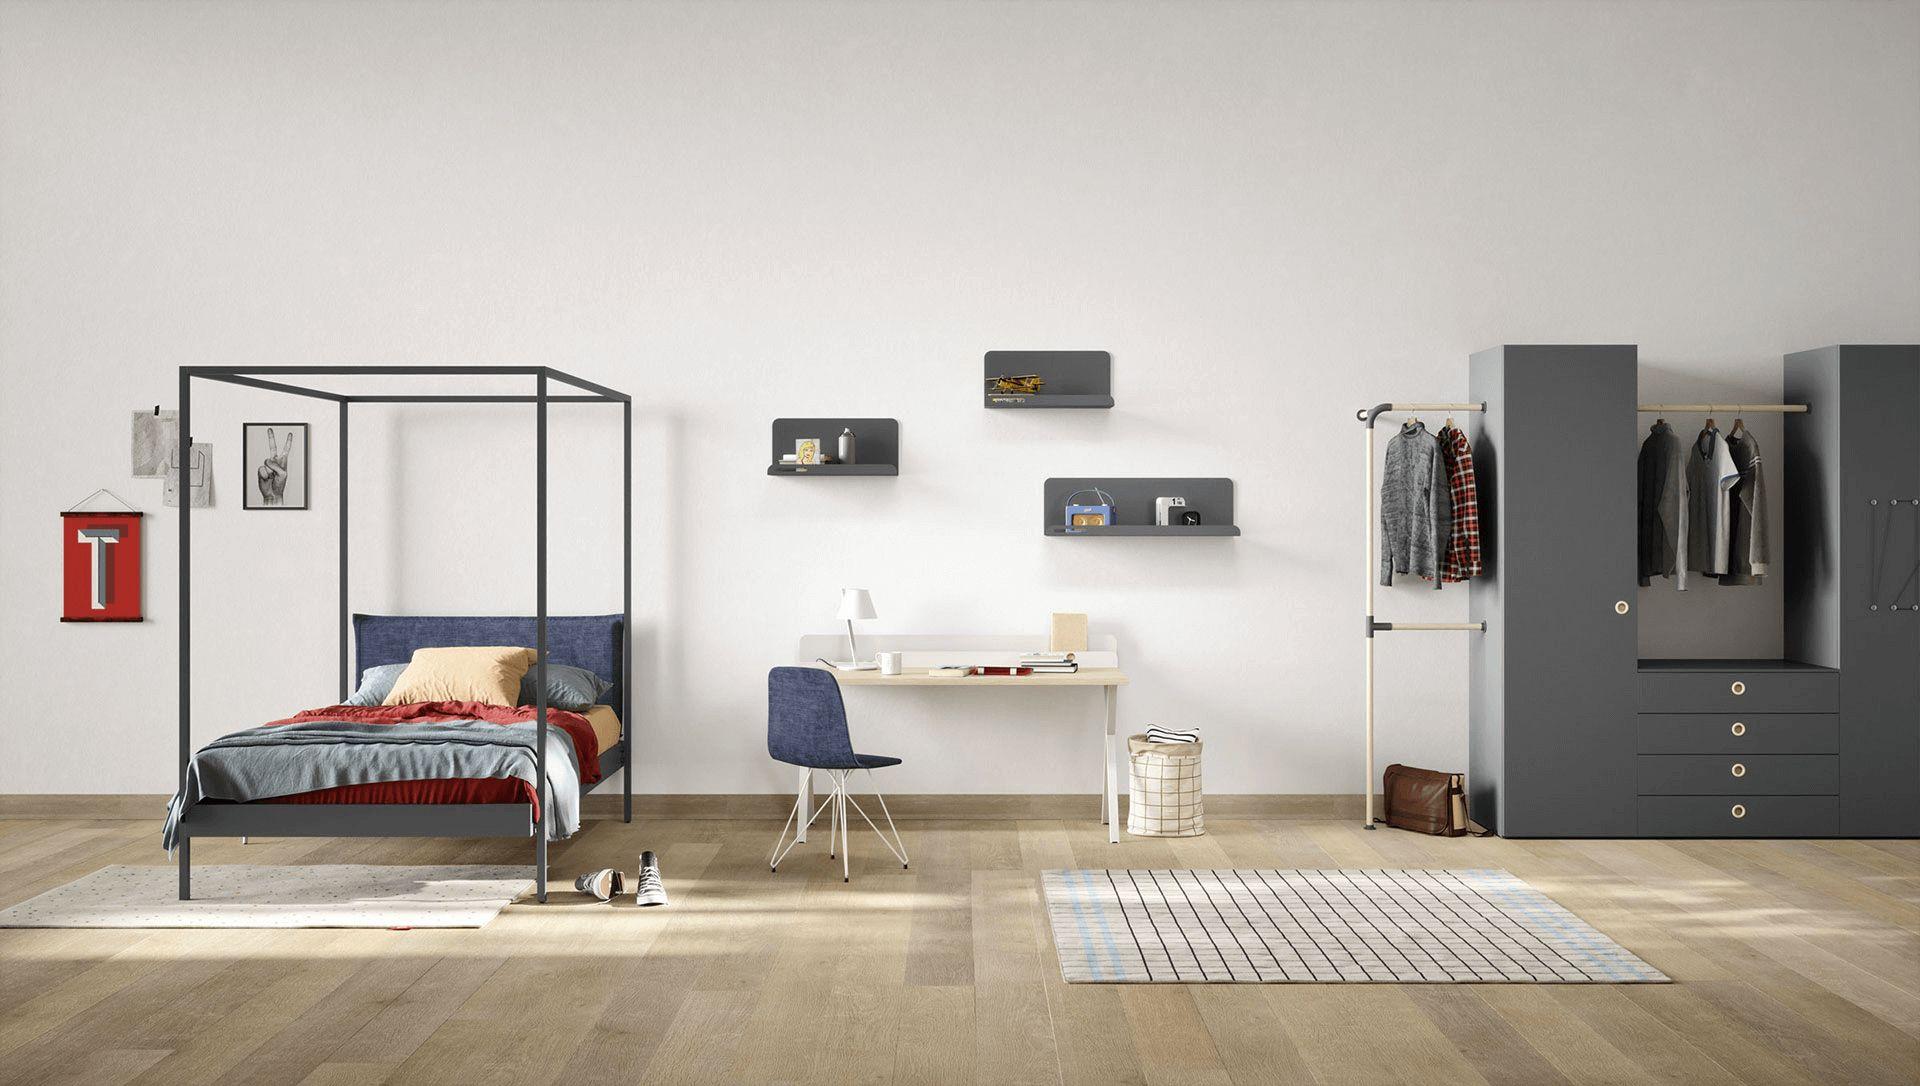 Elegant Teenage Boy Room Decor Ideas for You | Boys room ... on Classy Teenage Room Decor  id=92837